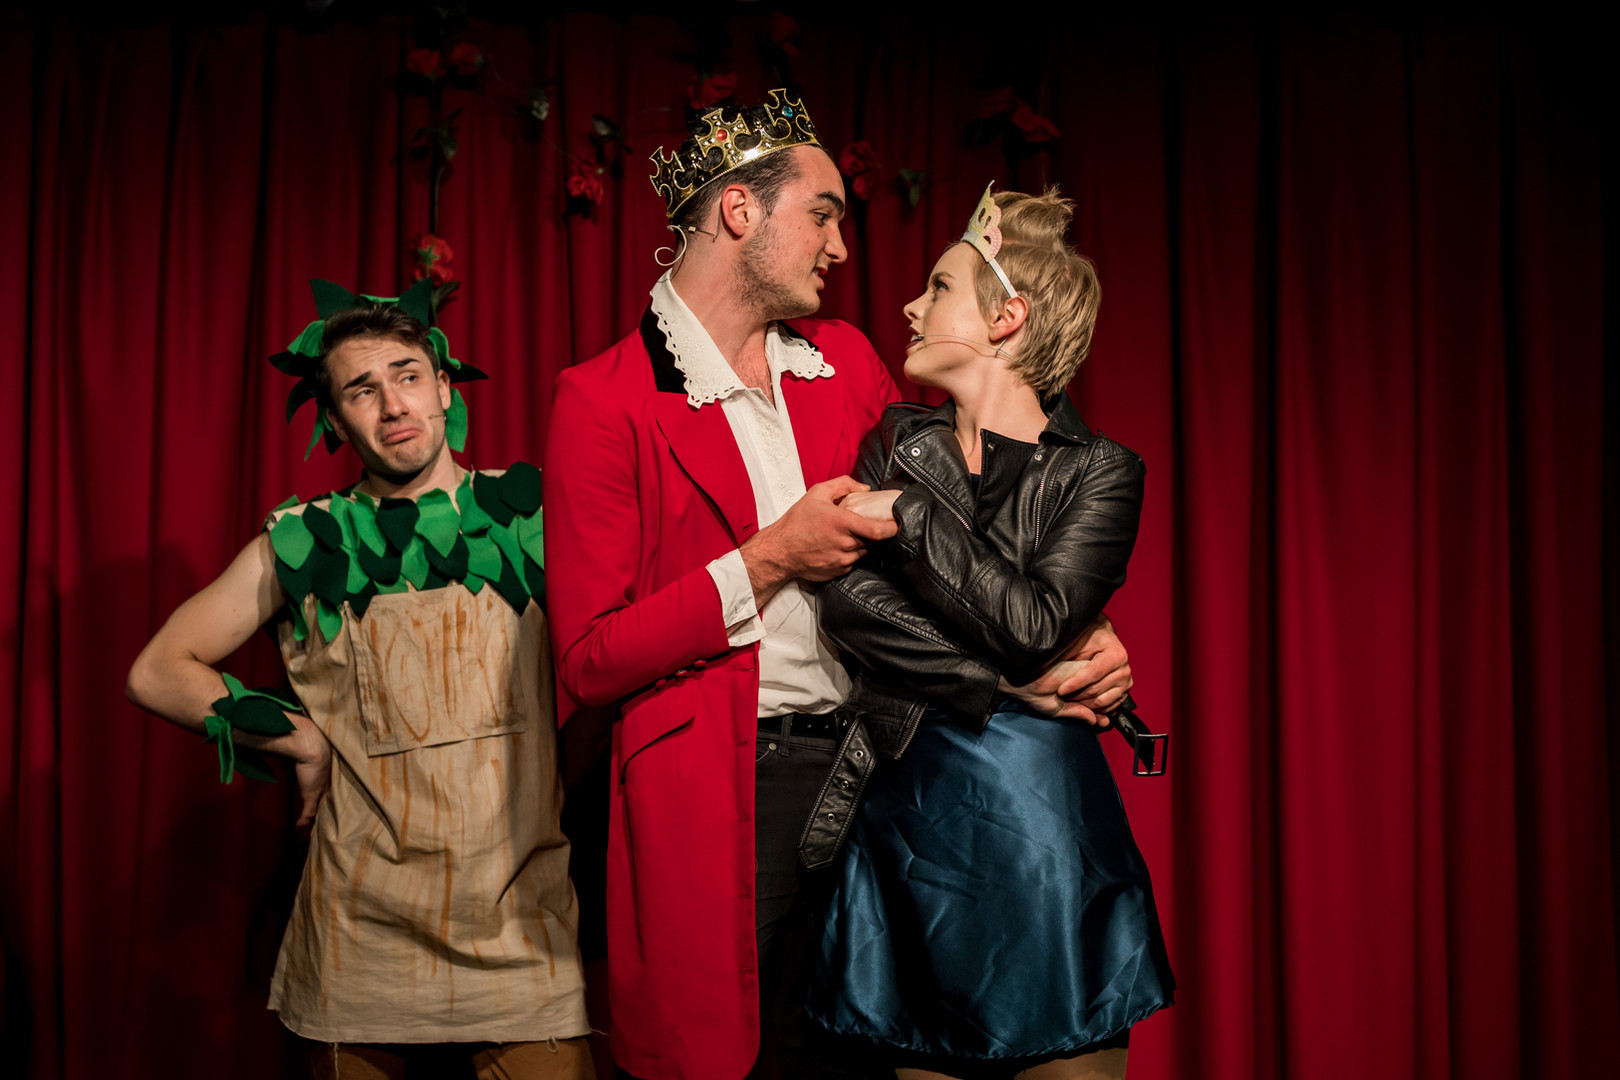 Prince Dick and Ophelia